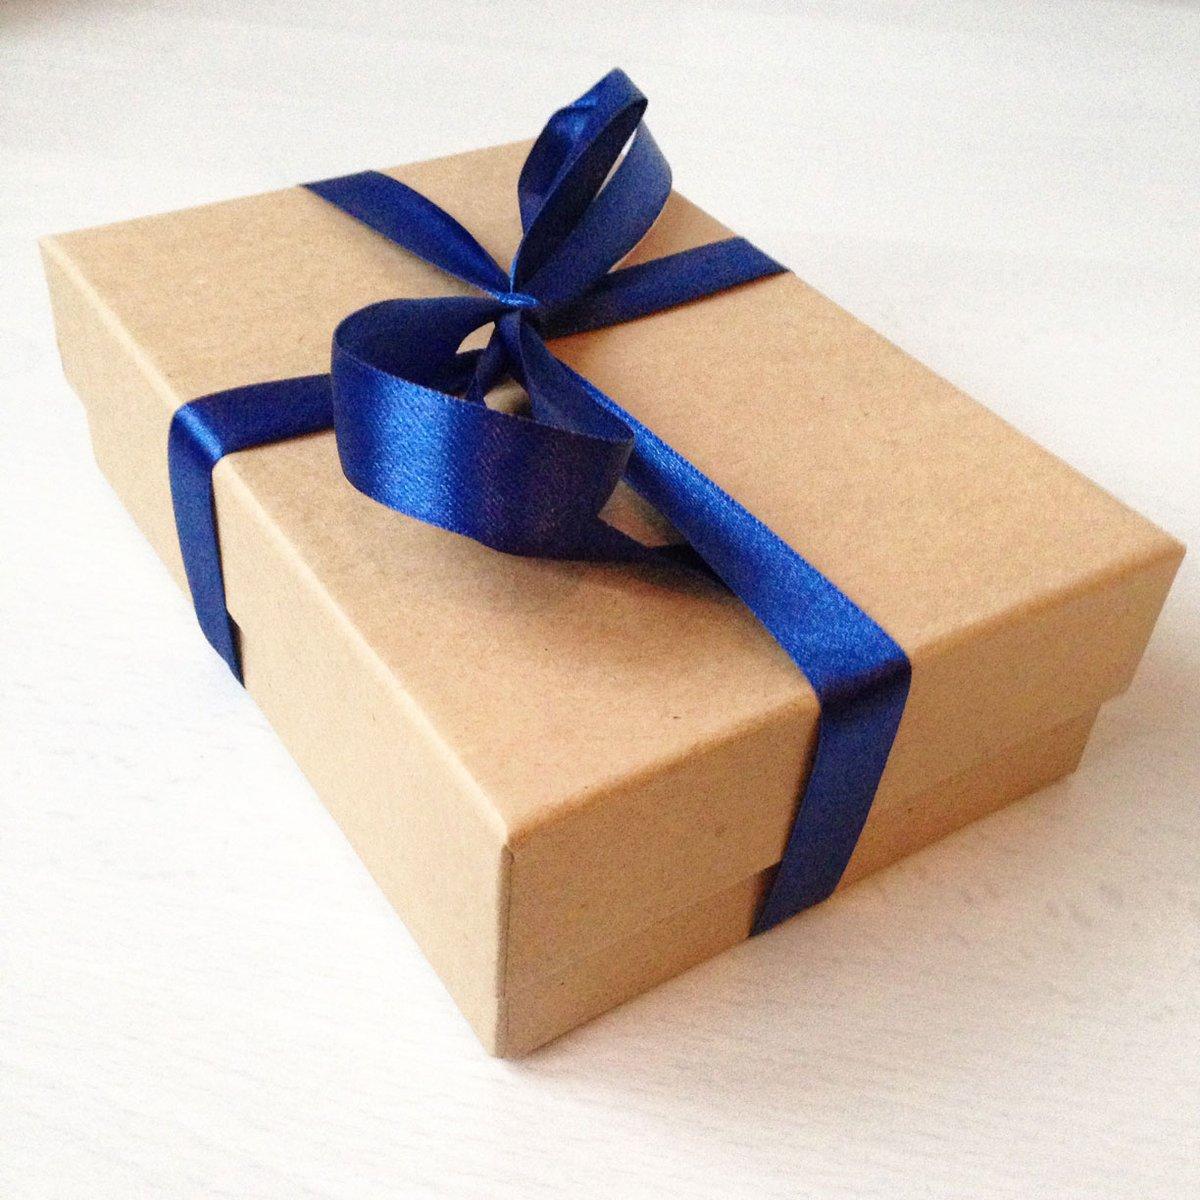 Kraft gift boxes